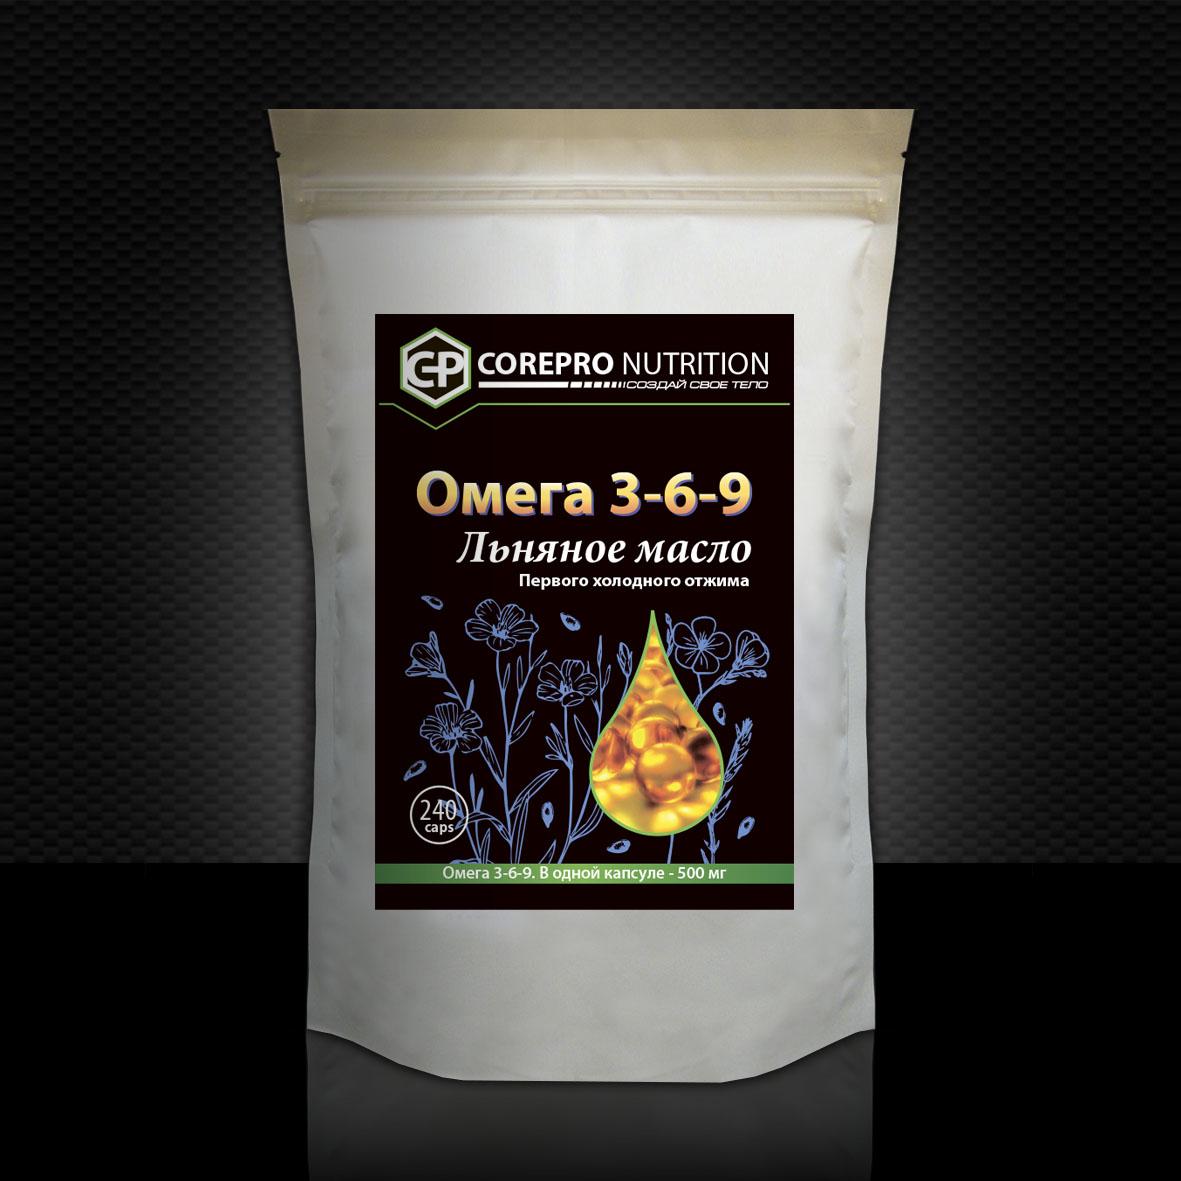 льняное масло фото интернет магазин CorePro Nutrition